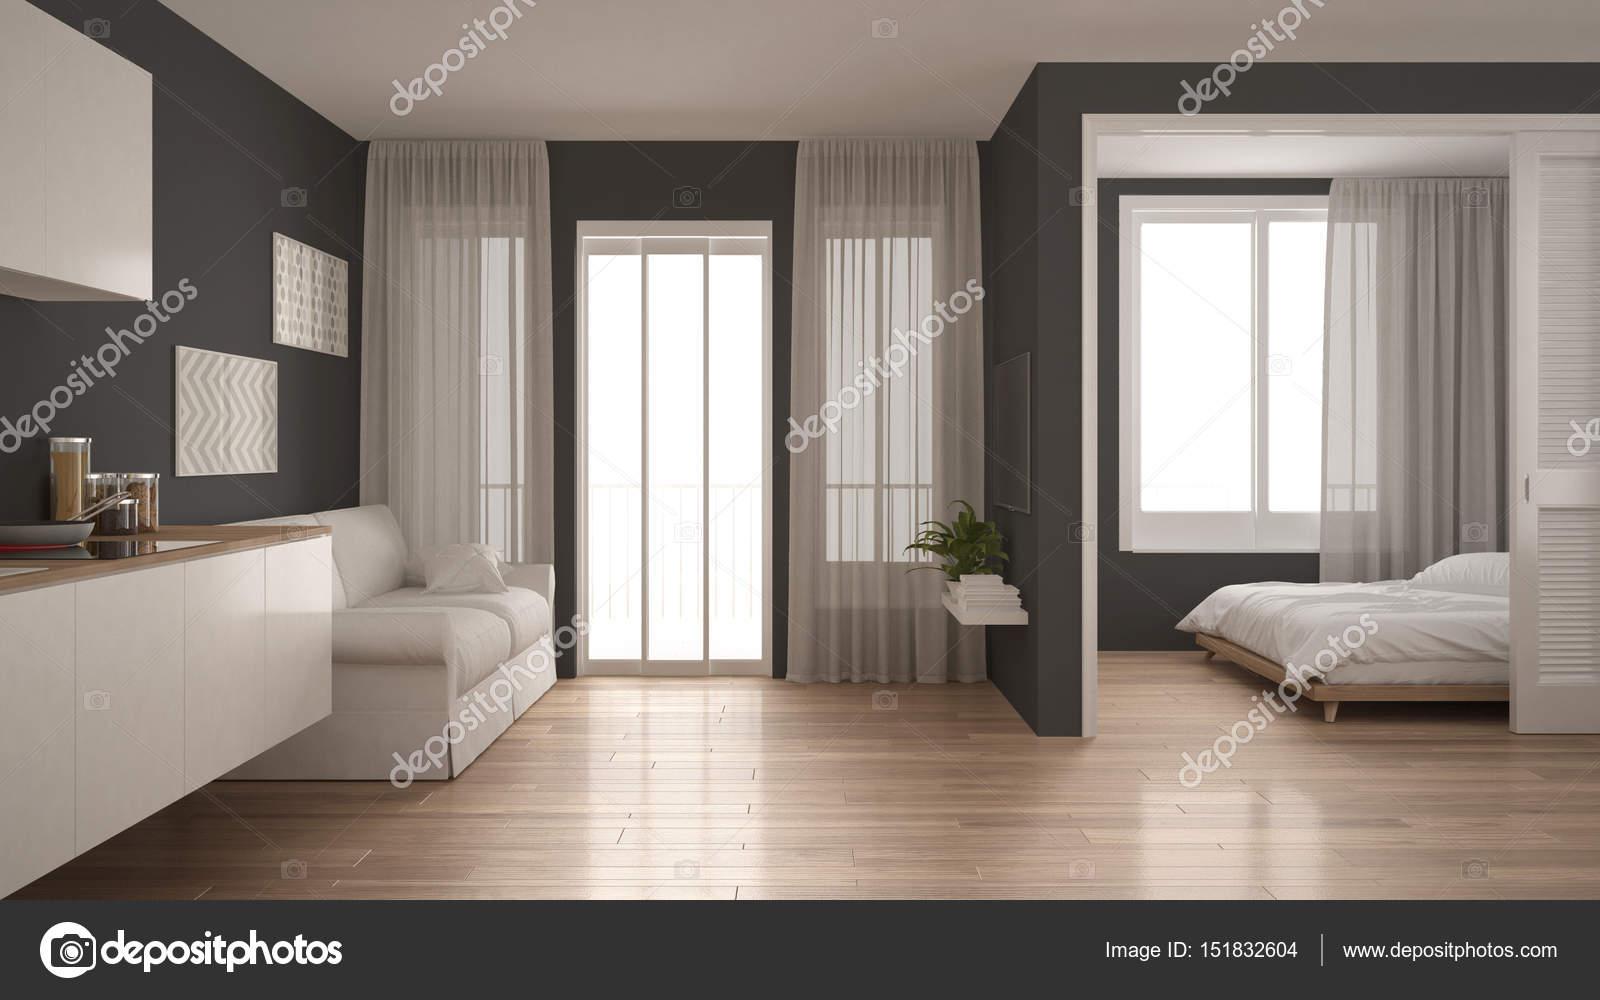 Cucina Soggiorno Camera Da Letto.Piccolo Appartamento Con Cucina Soggiorno E Camera Da Letto